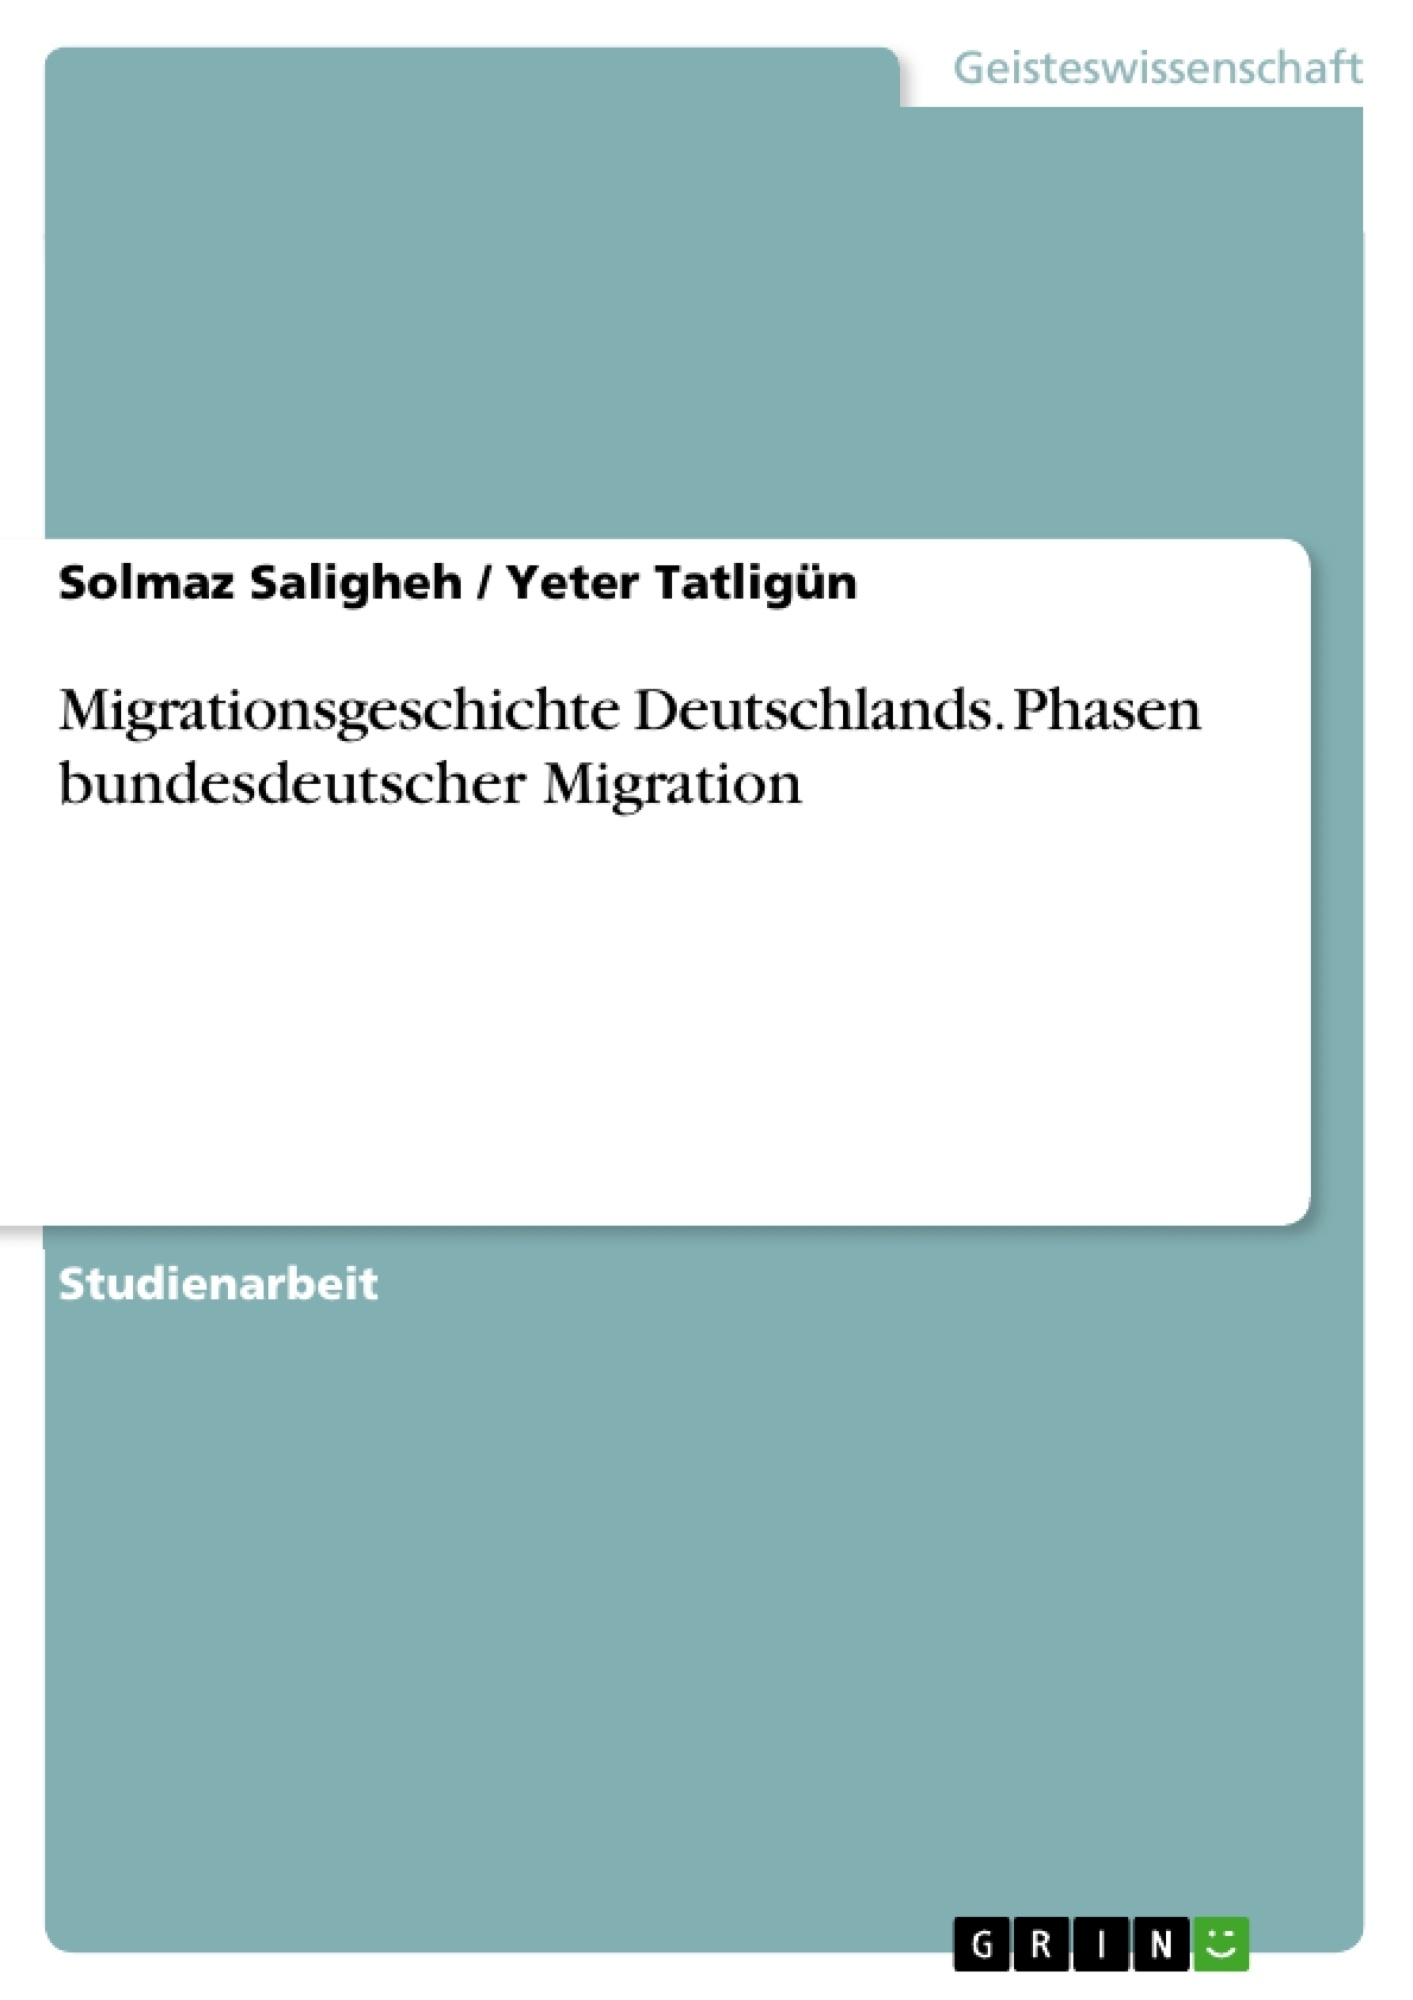 Titel: Migrationsgeschichte Deutschlands. Phasen bundesdeutscher Migration